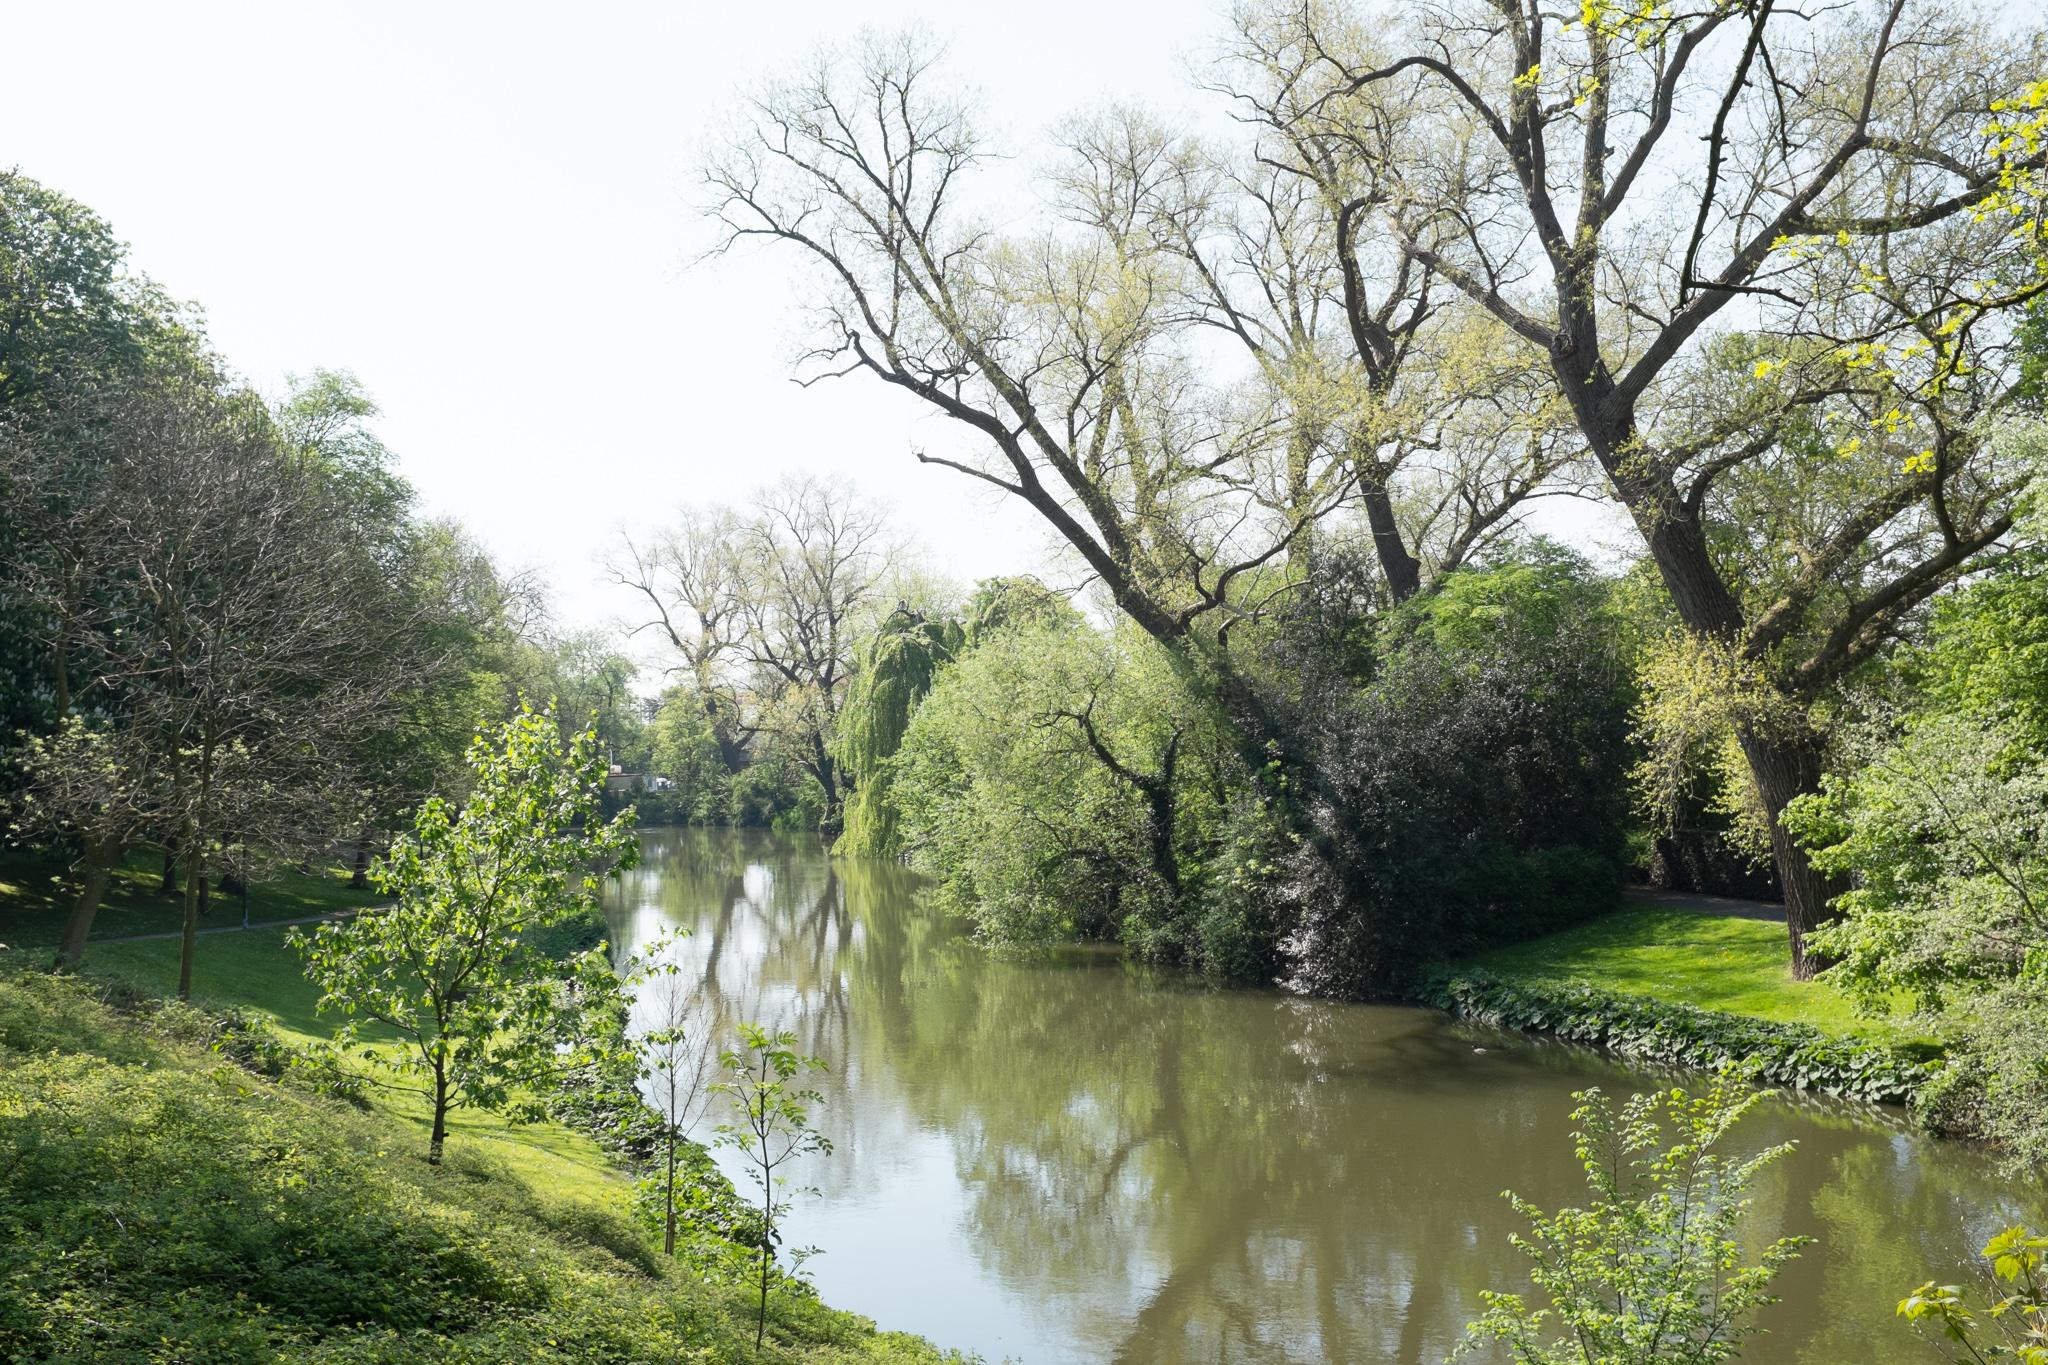 3615-nature-in-belgium.jpg